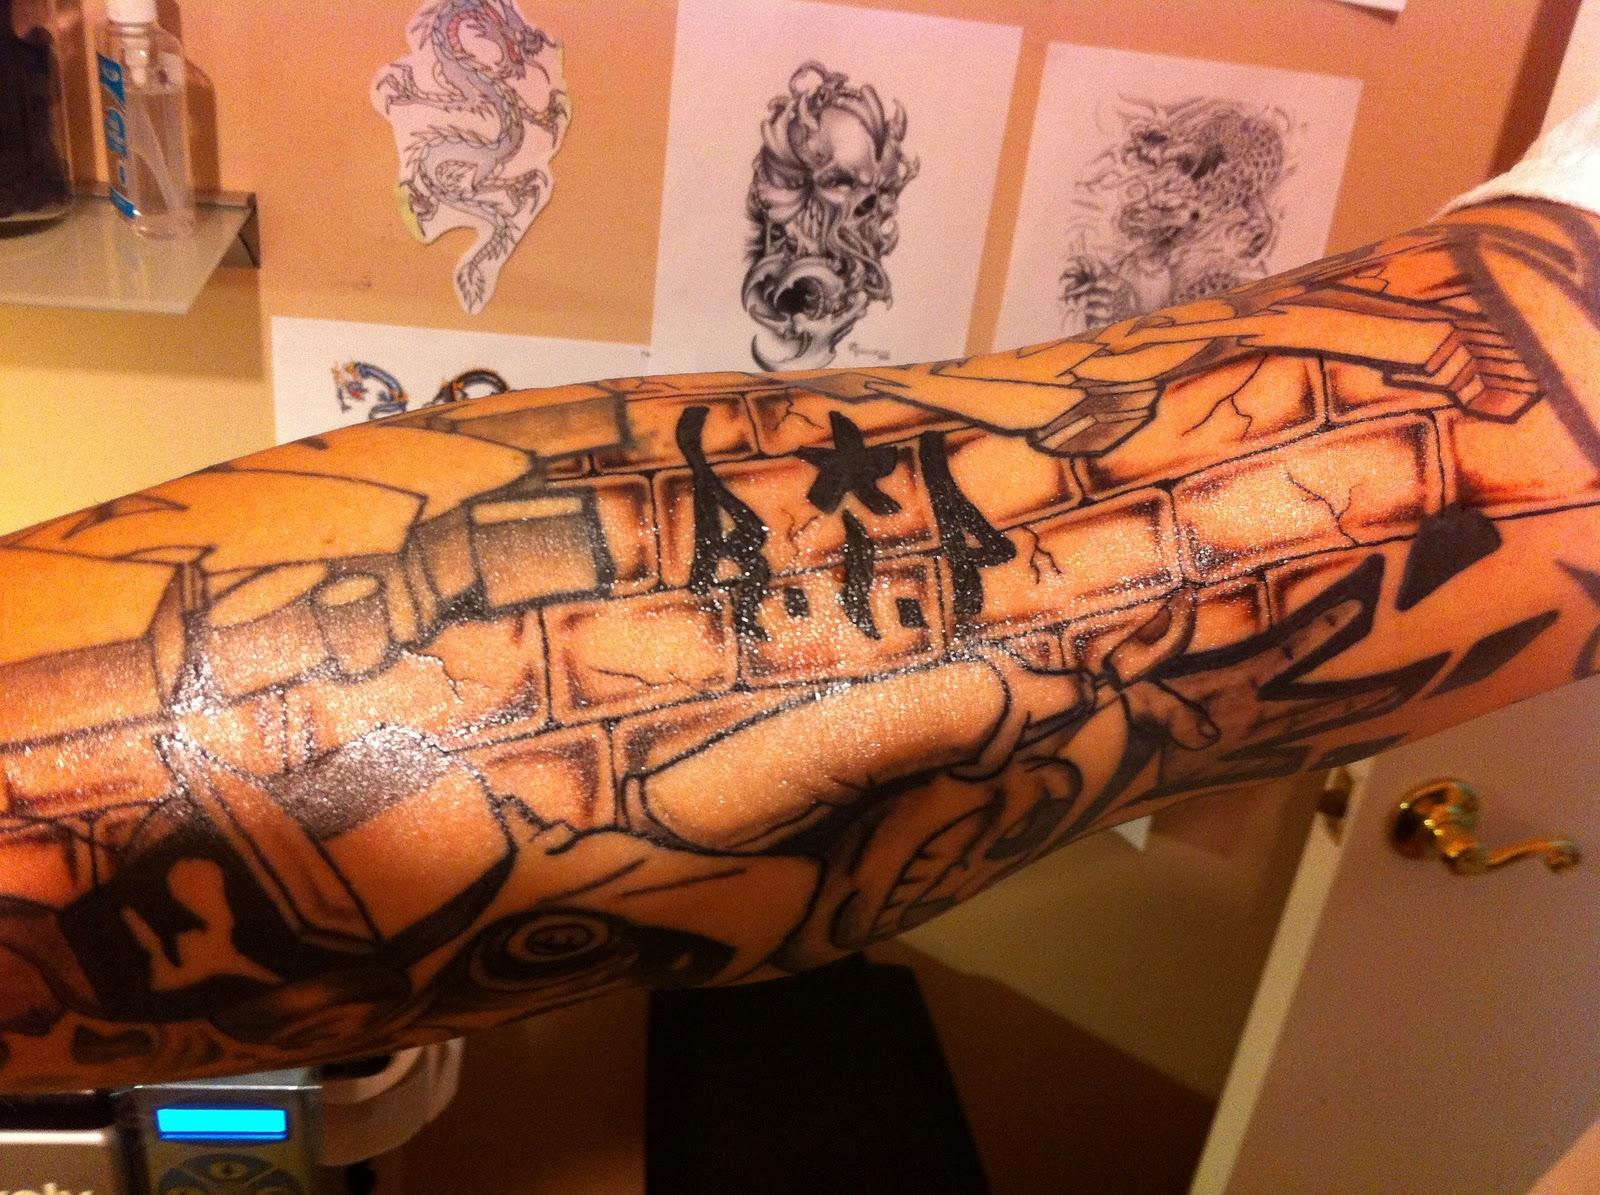 bab194a65fa3f 30 Fascinating Wall Tattoos   CreativeFan